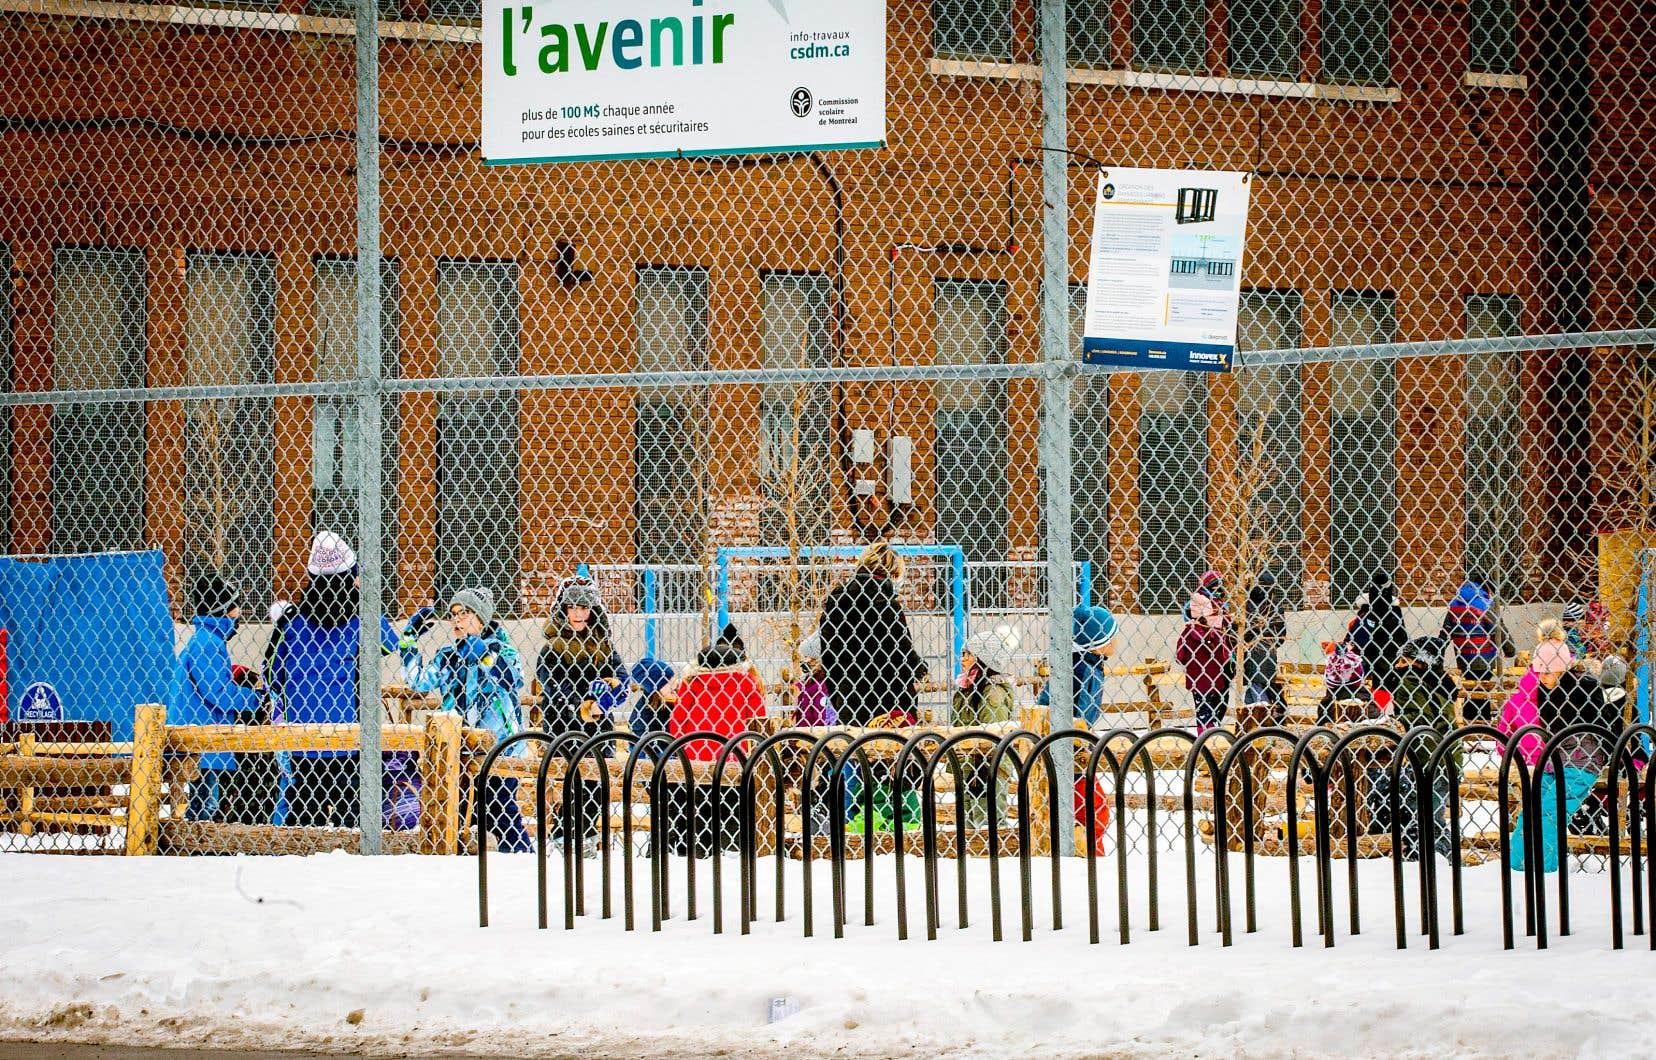 L'Alliance des professeures et des professeurs de Montréal, qui représente 9000 enseignants, réclame la démission du ministre de l'Éducation à cause des conditions de travail difficiles depuis le début de la pandémie, il y a 11 mois.